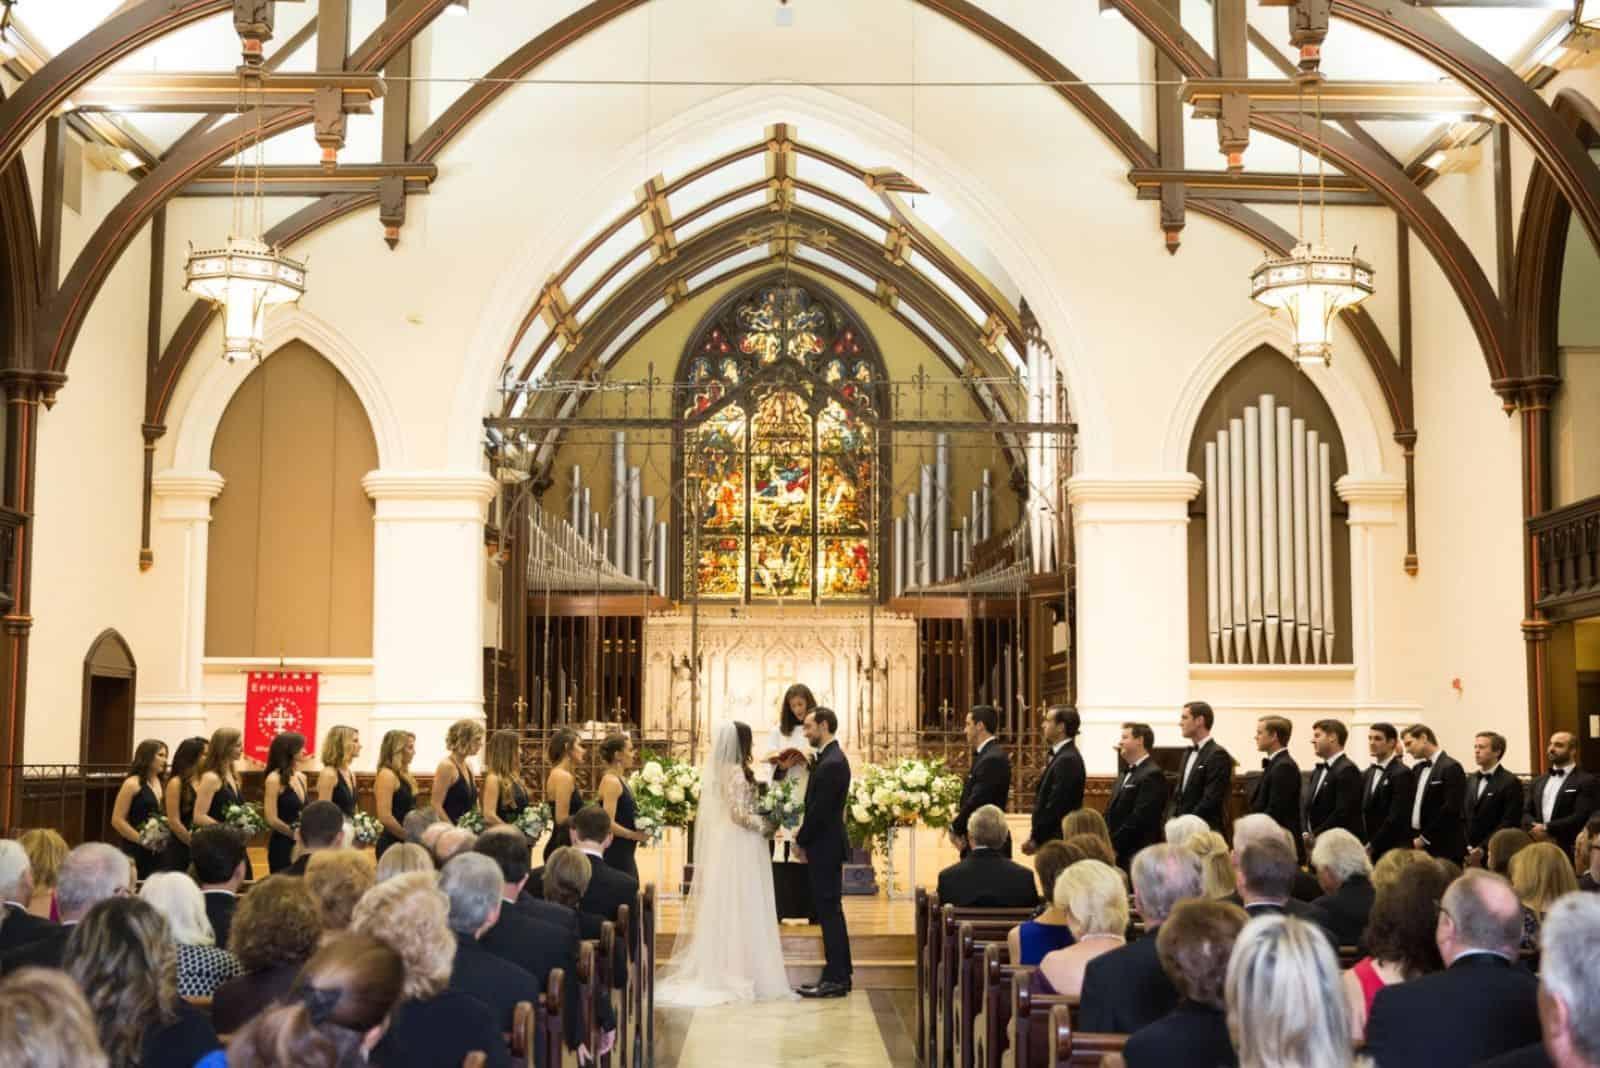 kirchliche Hochzeitszeremonie